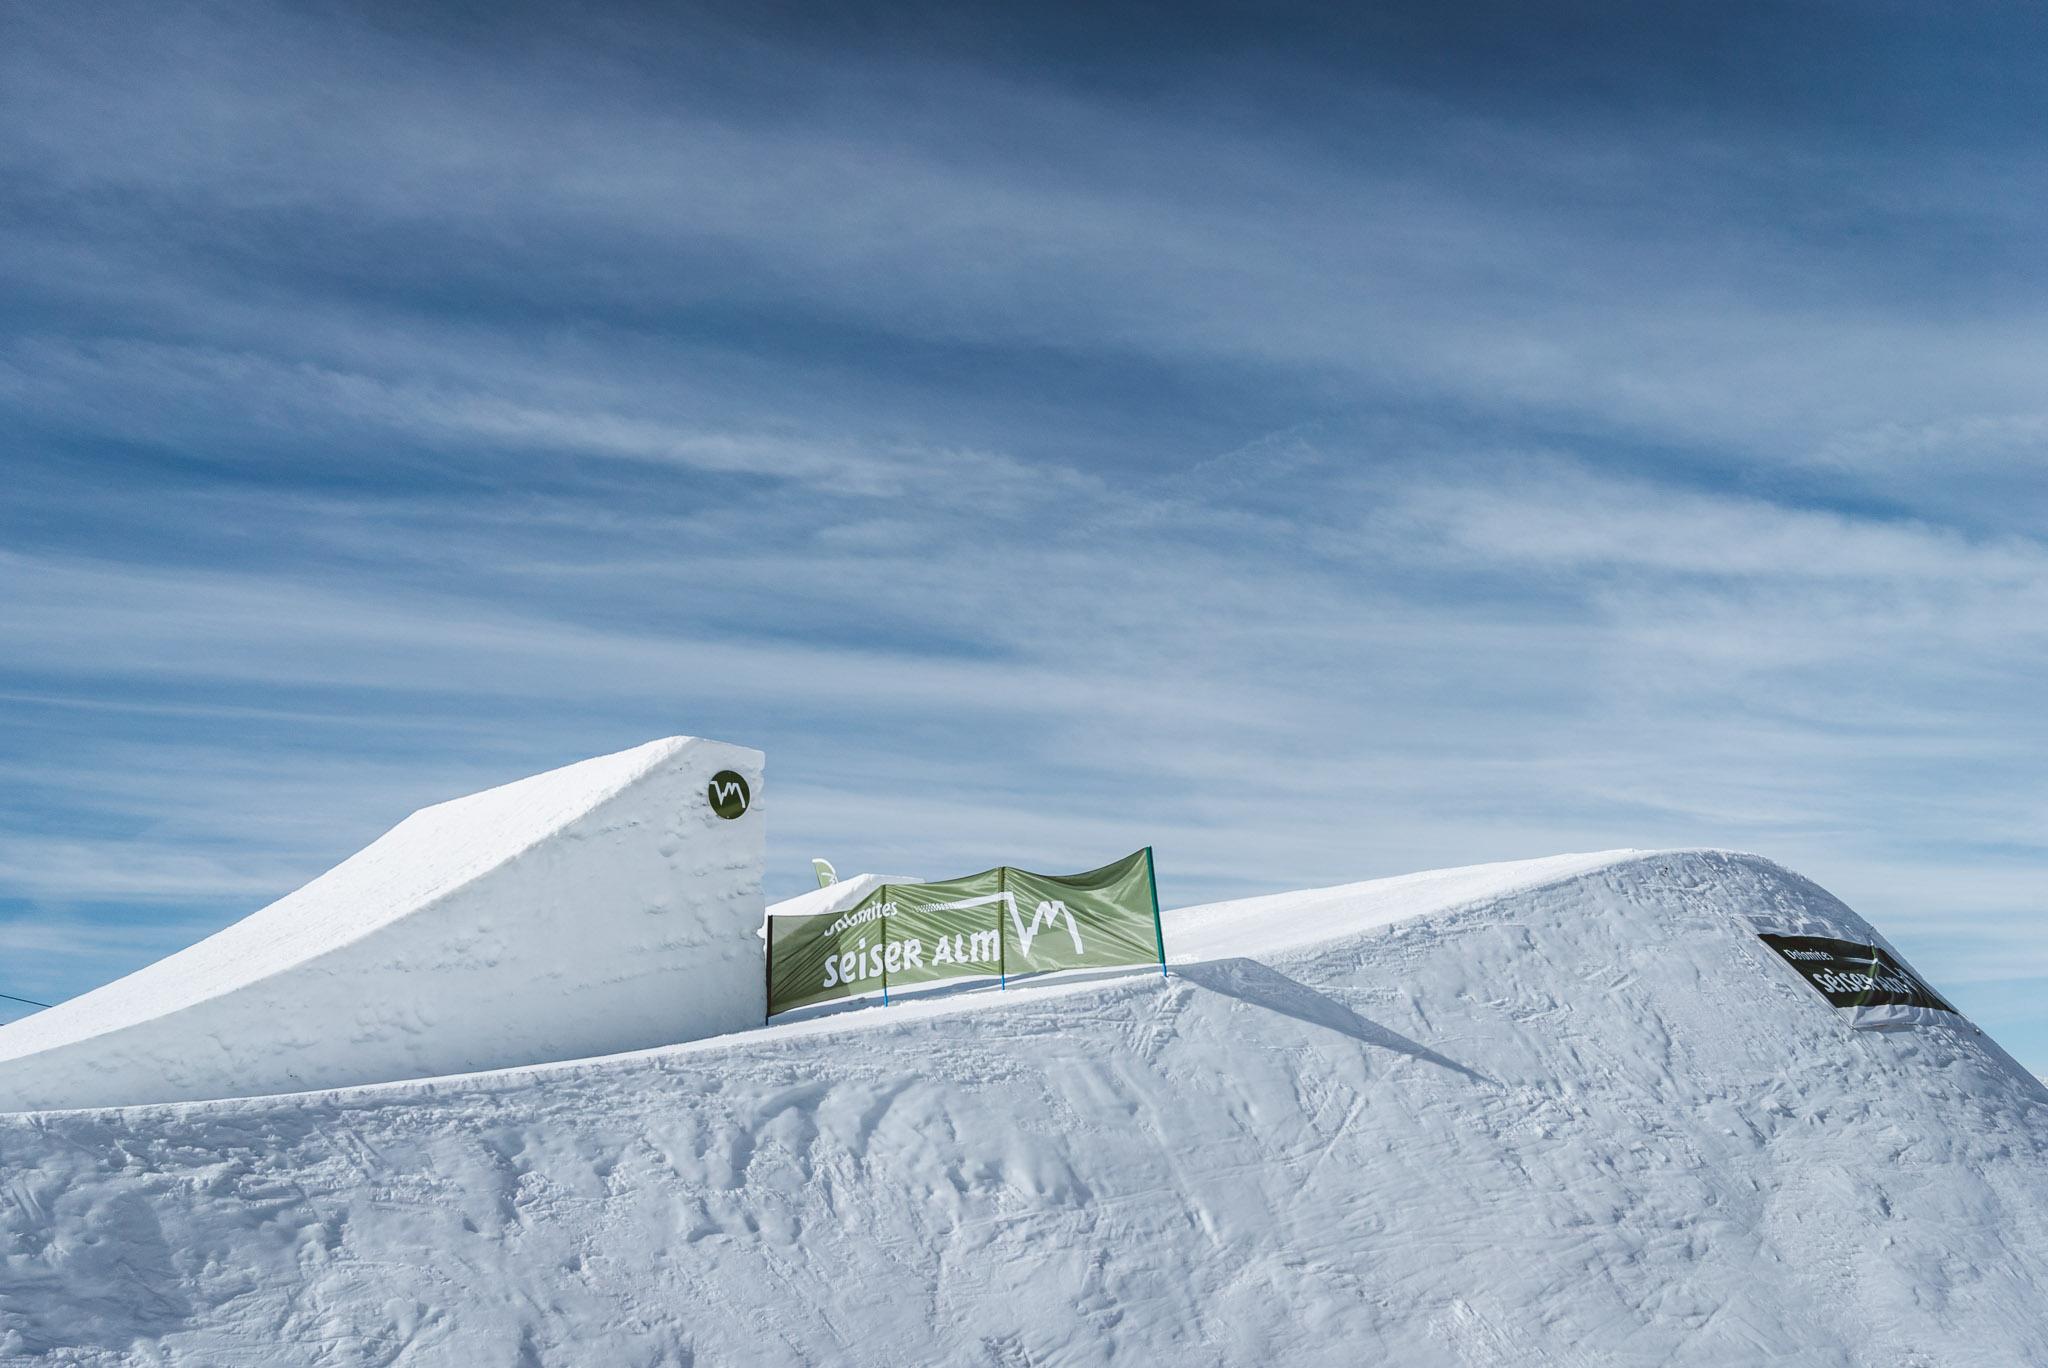 Der Jump ist einer der besten der Alpen im Moment und bietet genug Airtime für Doubles und Triples.